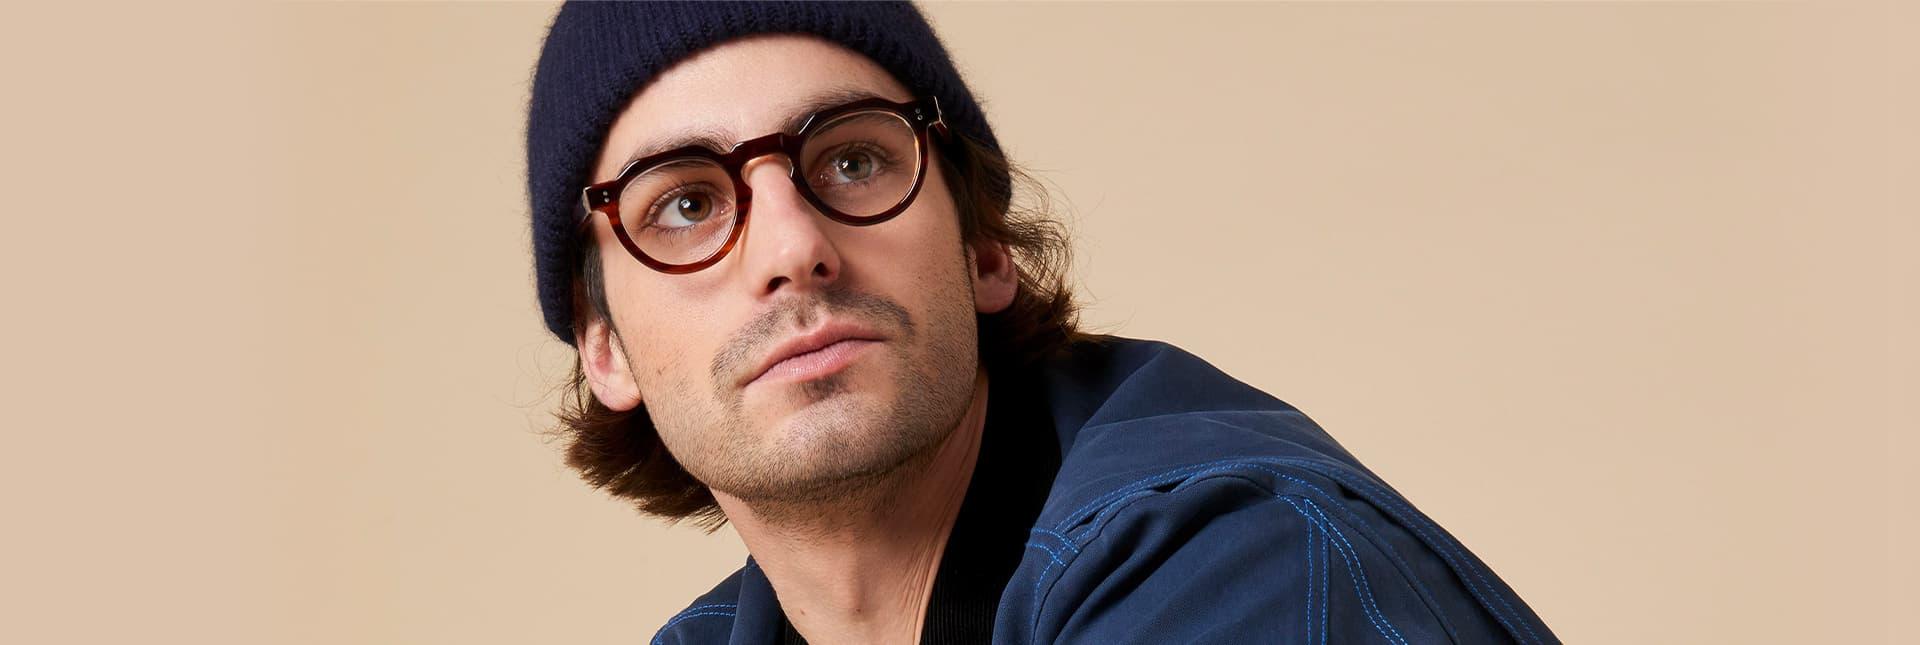 Lesca® Eyeglasses